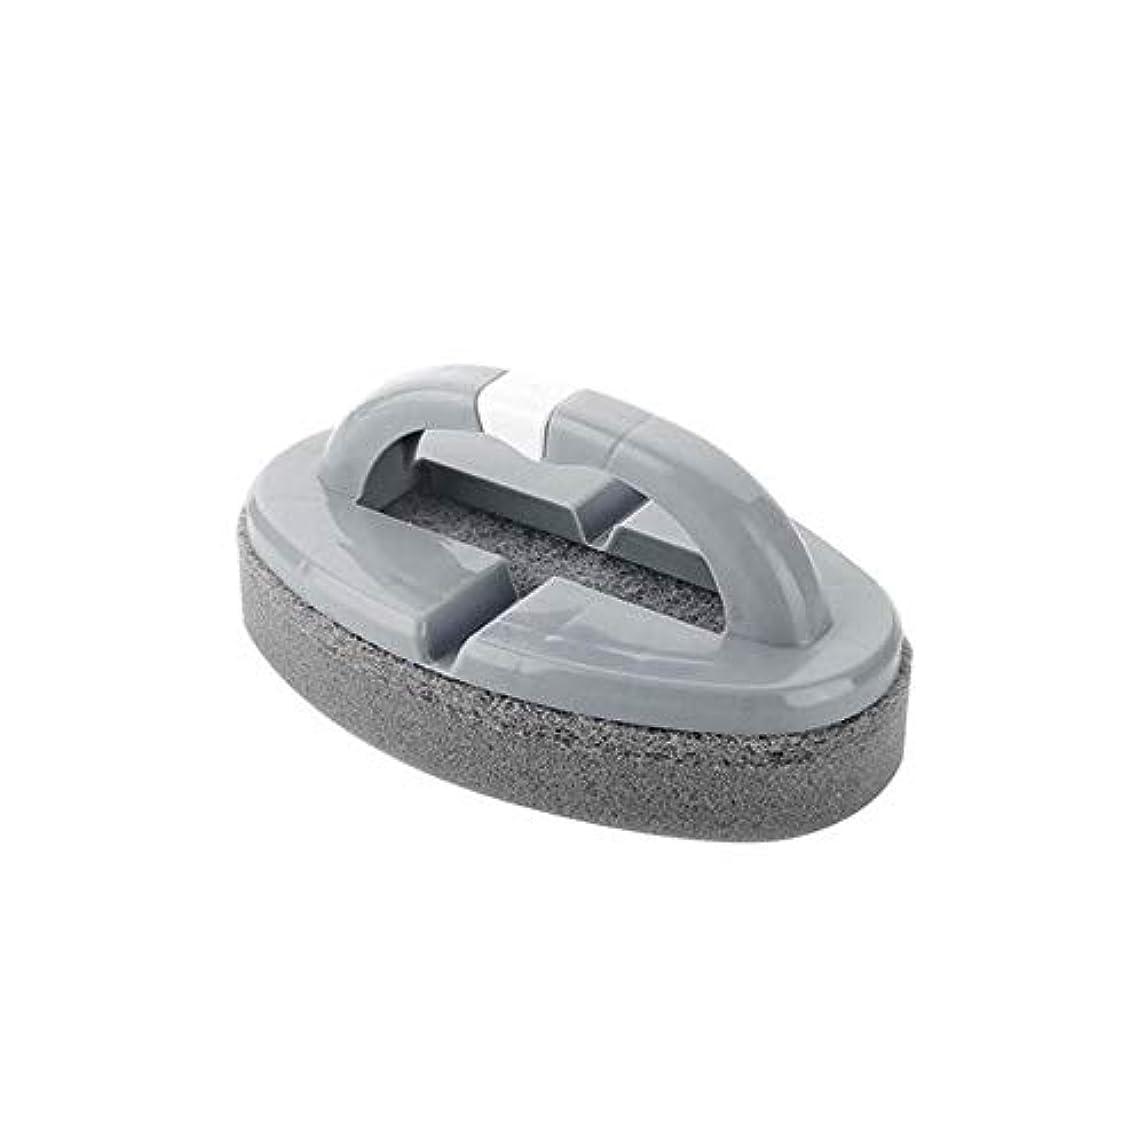 アソシエイトピック静かにポアクリーニング 折りたたみスポンジハンドル付きハンドルバスルームタイルクリーニングブラシ2 PCS マッサージブラシ (色 : C)